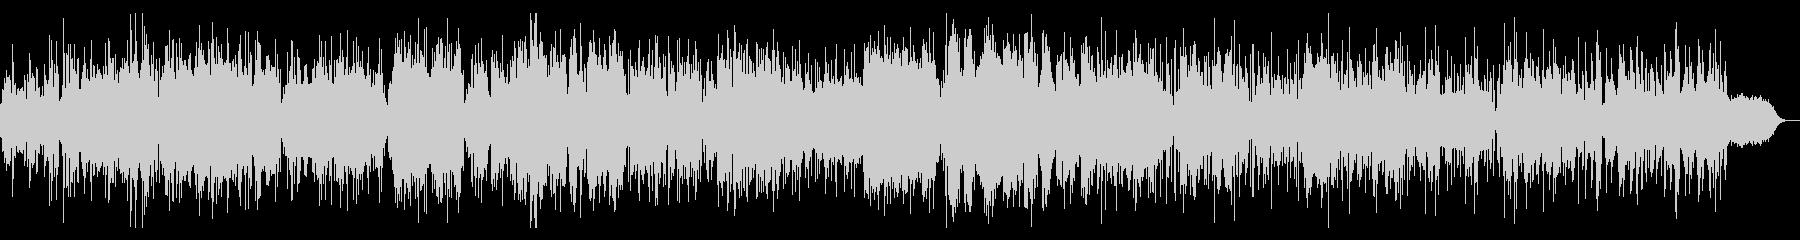 リズムとテクスチャのシンプルIDMの未再生の波形